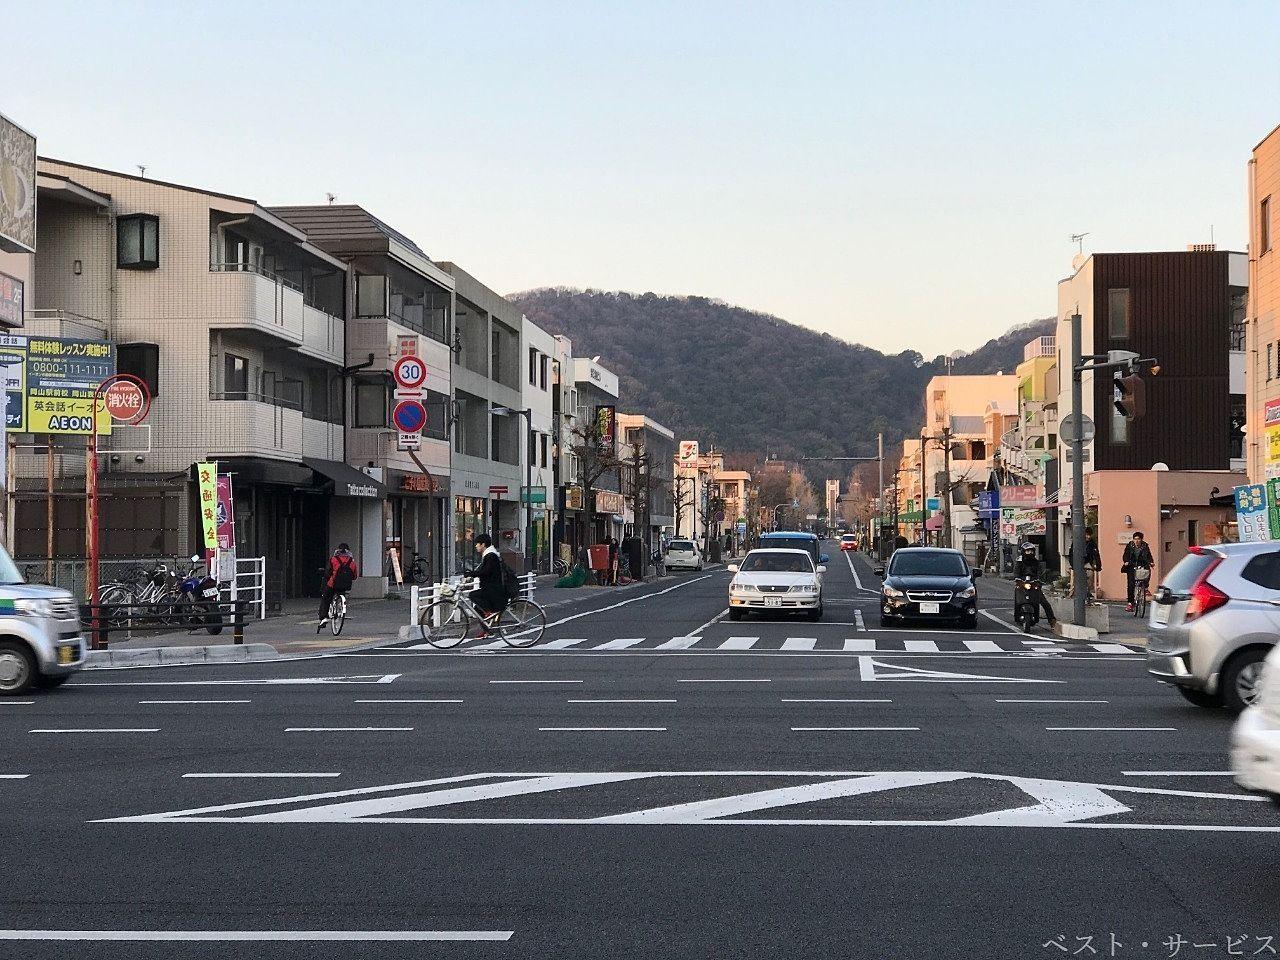 岡山大学入口交差点から北へ500m